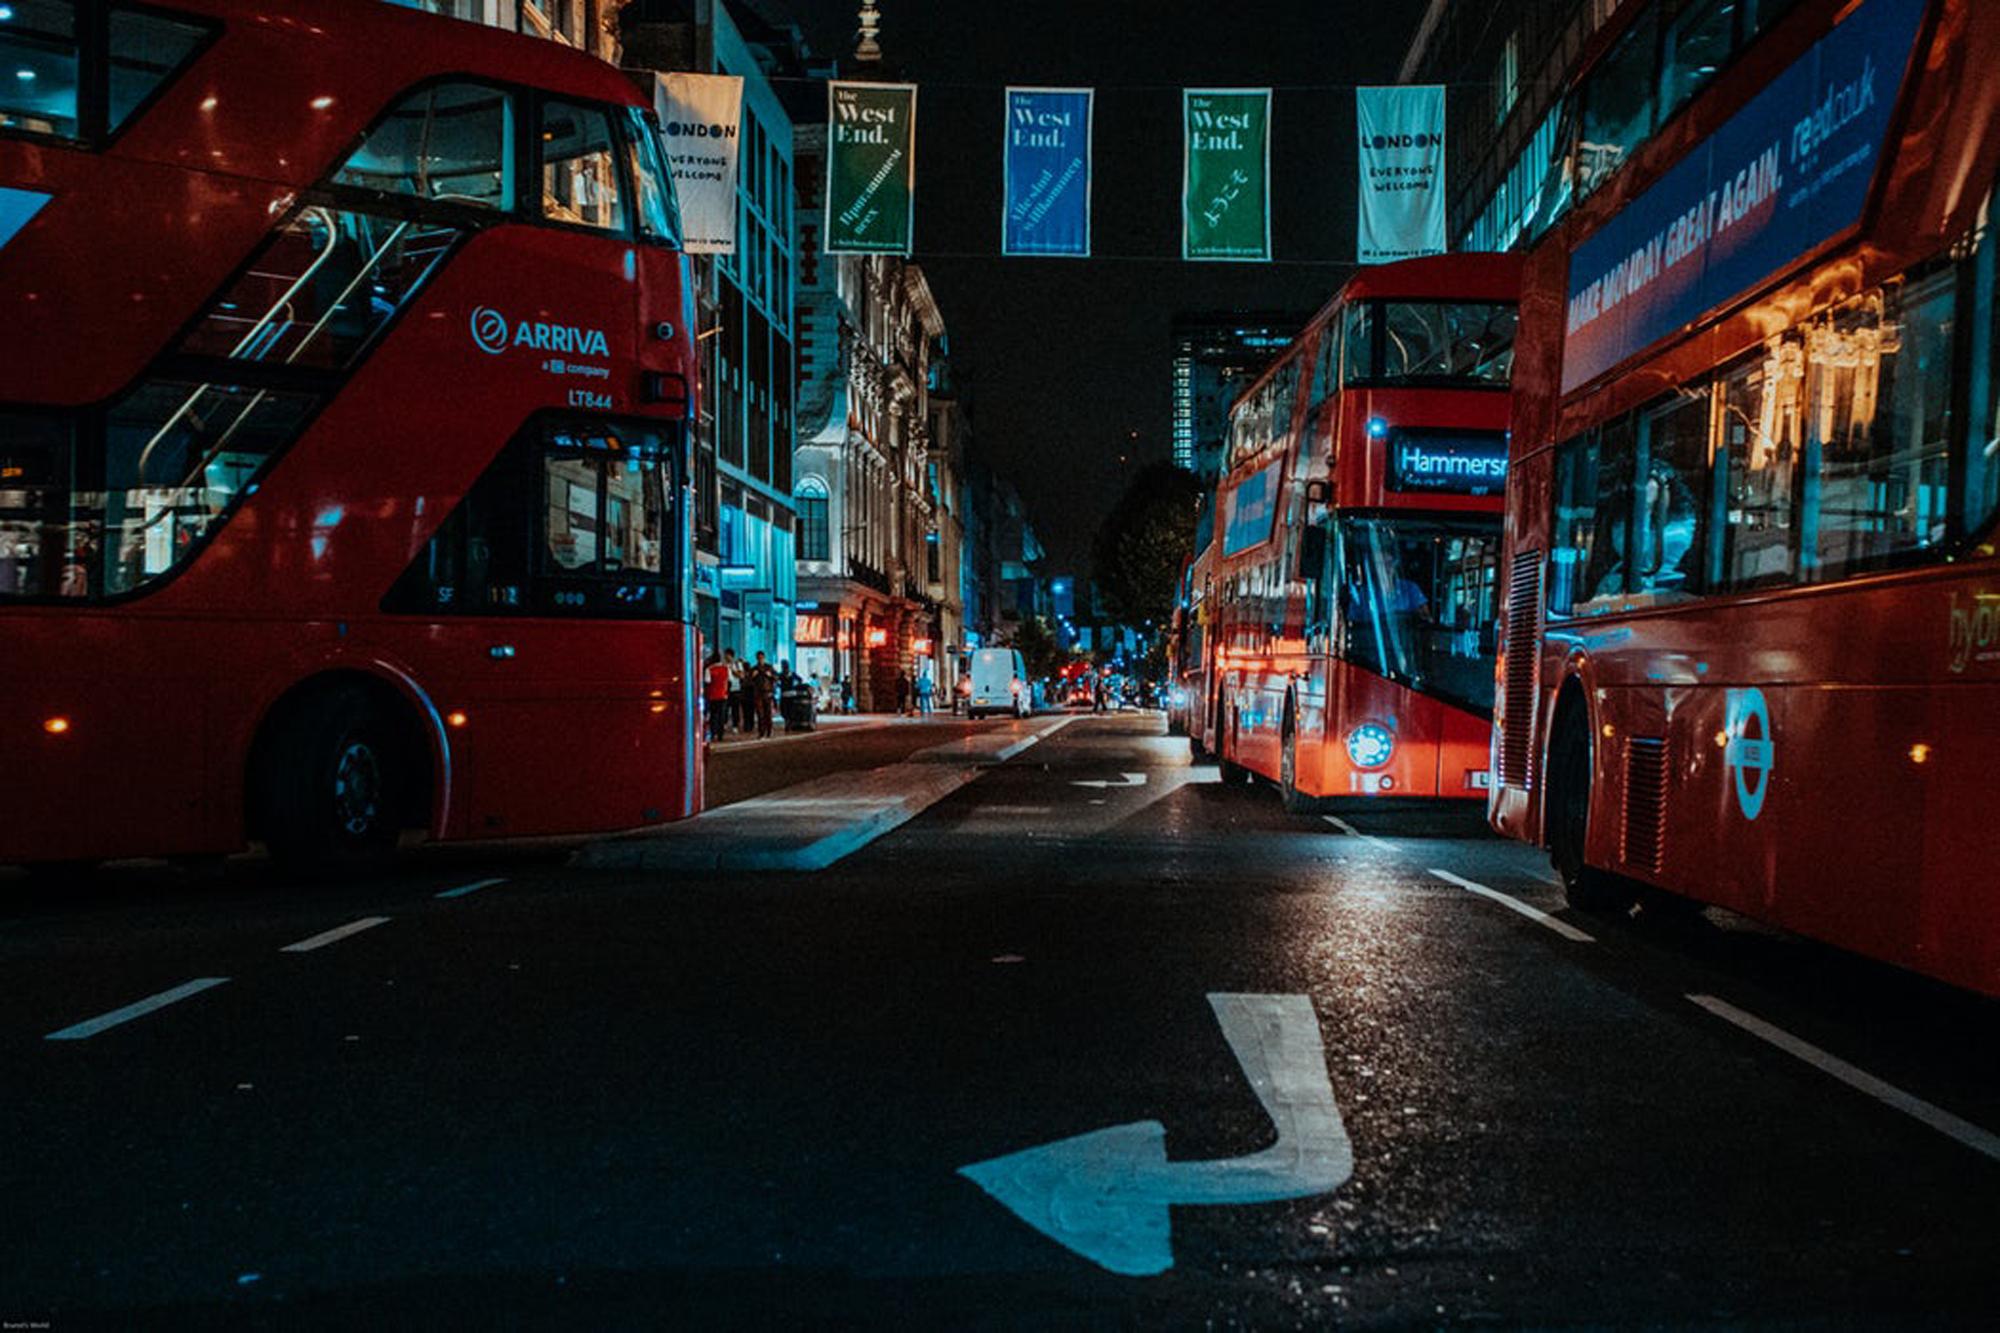 Des questions sur les stages, jobs ou encore logements en colocation a Londres?